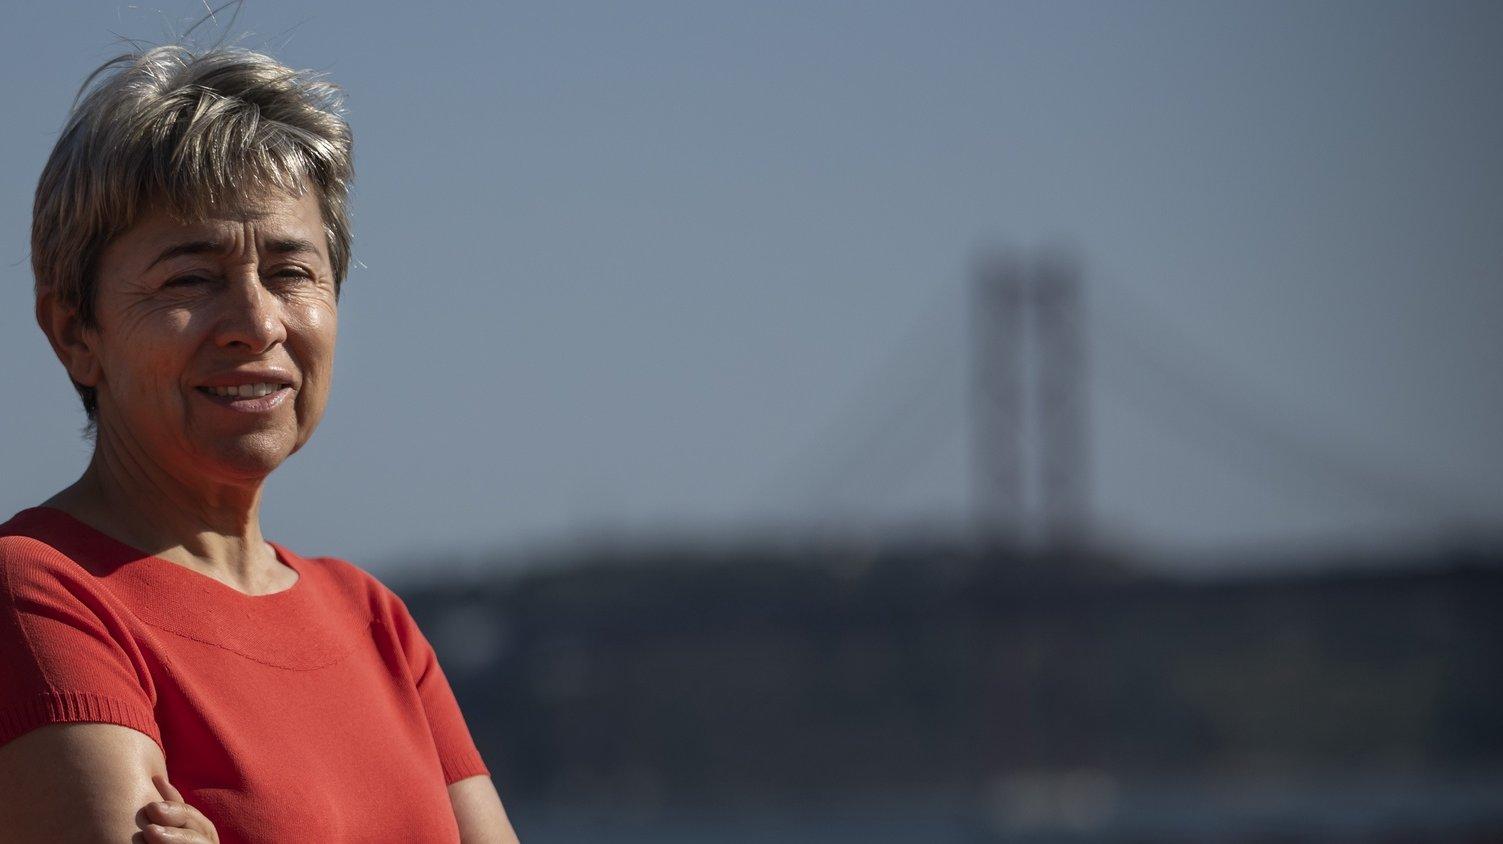 A secretária de Estado das Comunidades Portuguesas, Berta Nunes, posa para a fotografia durante uma entrevista à agência Lusa, no Palácio das Necessidades, em Lisboa, 15 de julho de 2020. (ACOMPANHA TEXTO DA LUSA DO DIA 17 DE JULHO DE 2020). JOSÉ SENA GOULÃO/LUSA